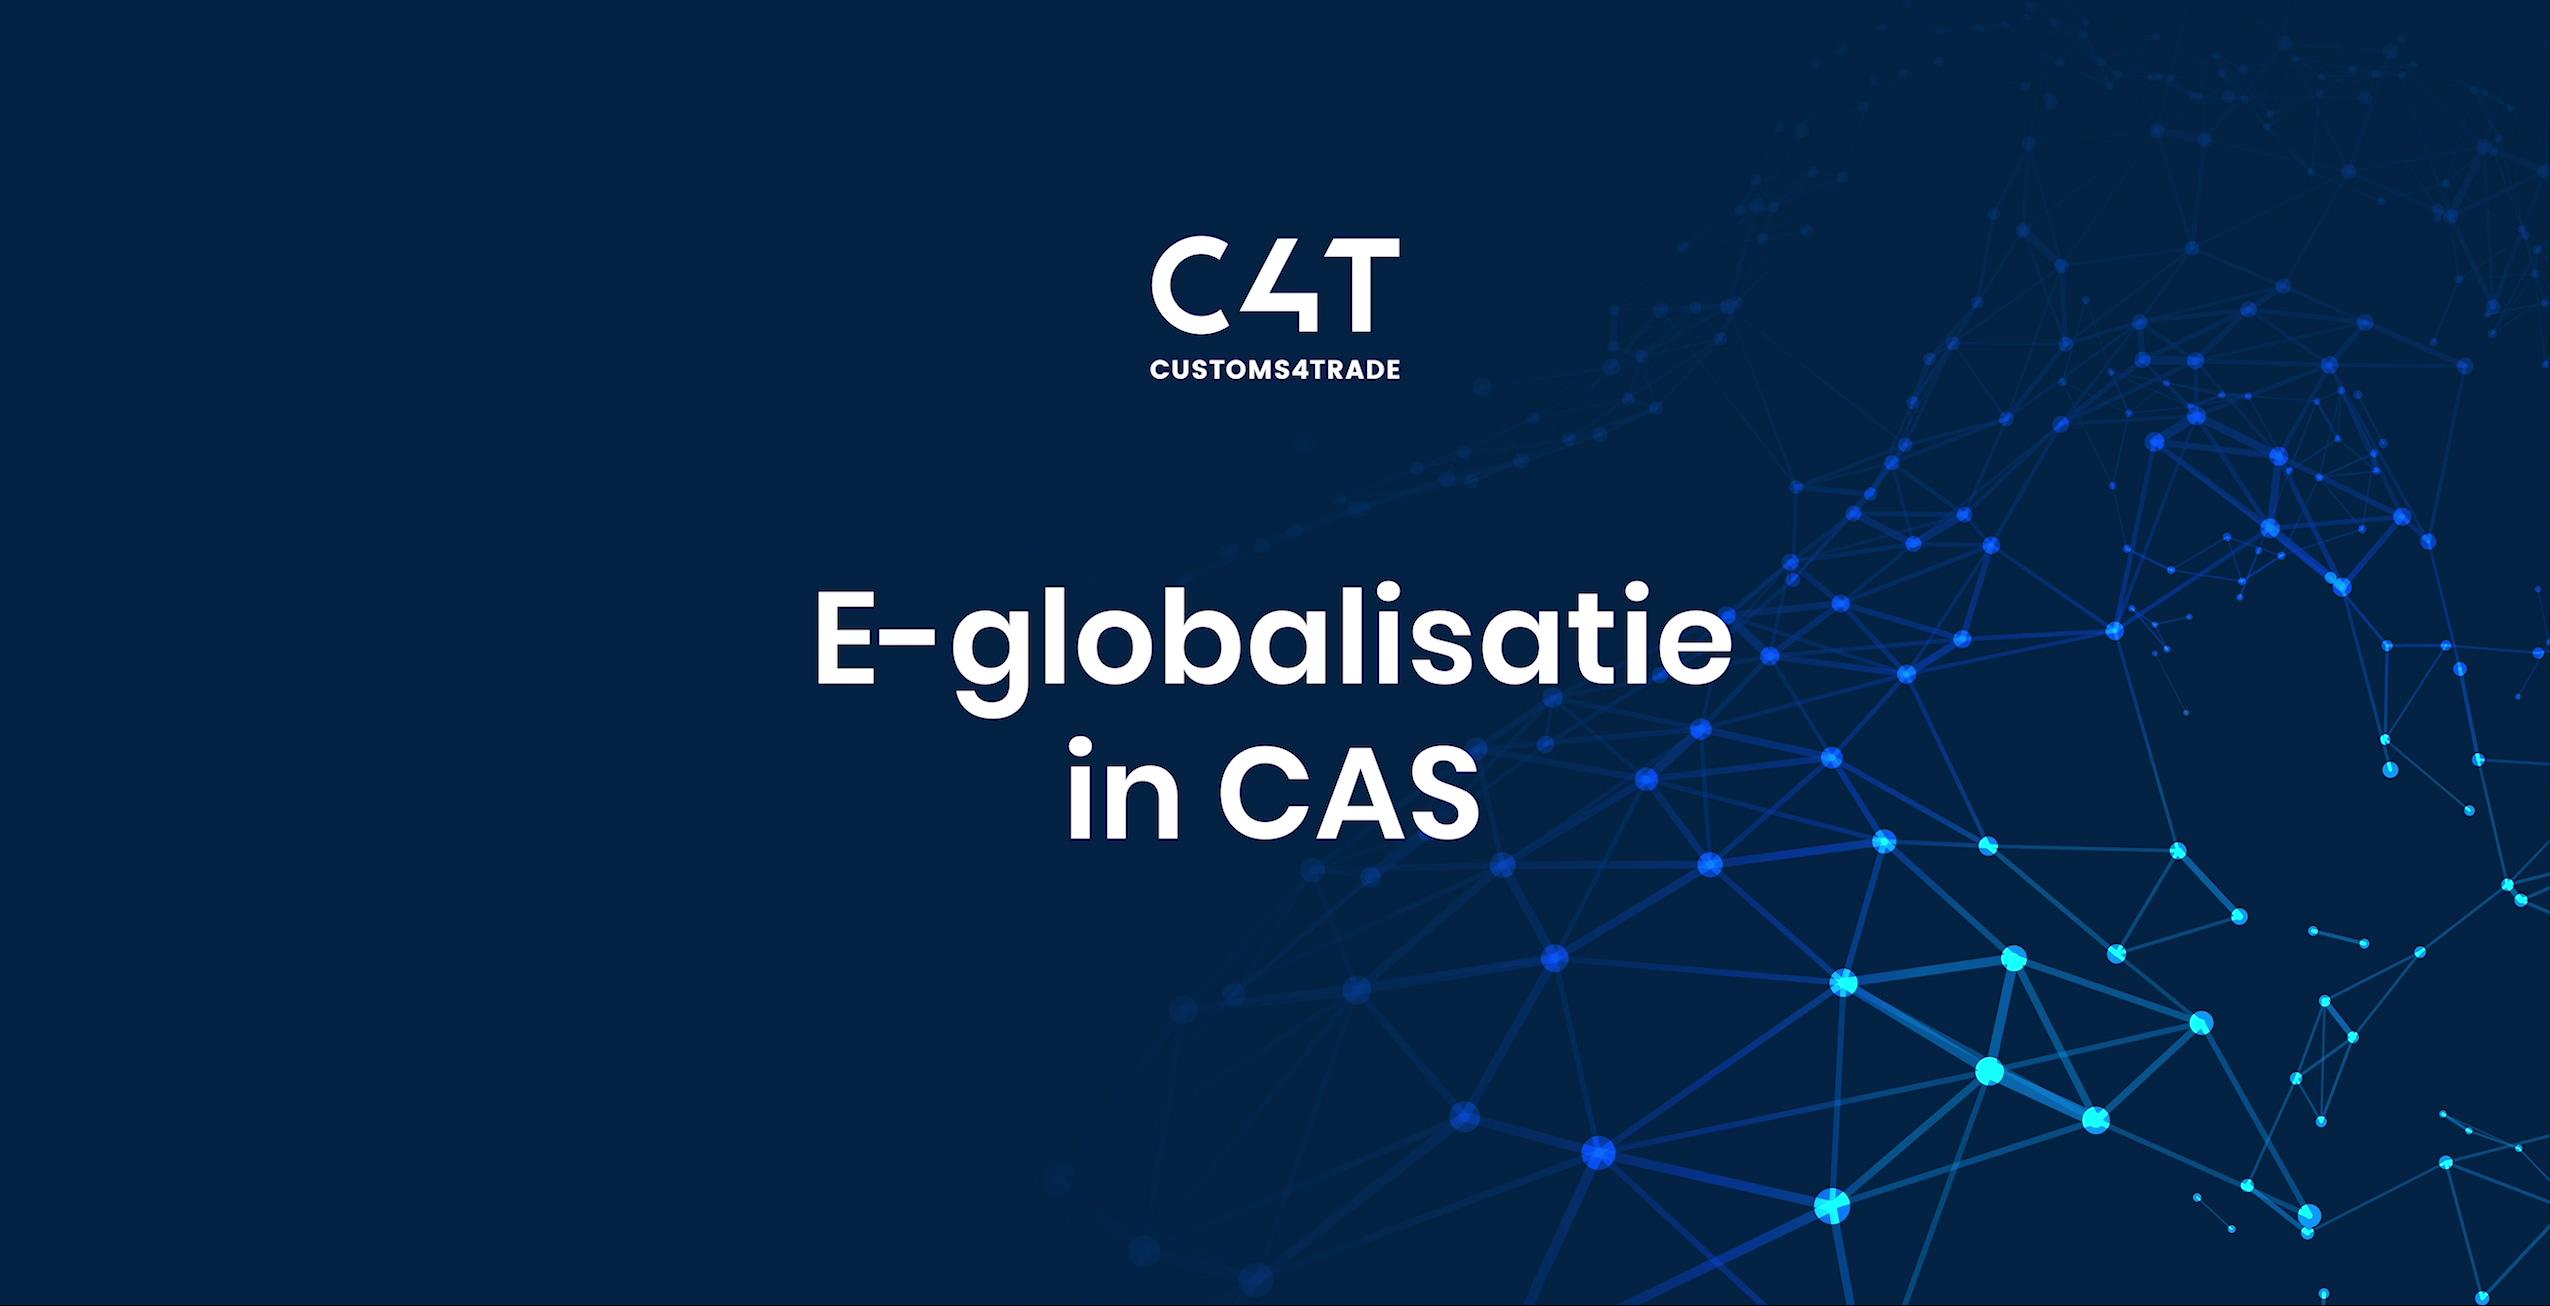 E-globalisation-CAS-NL-thumb